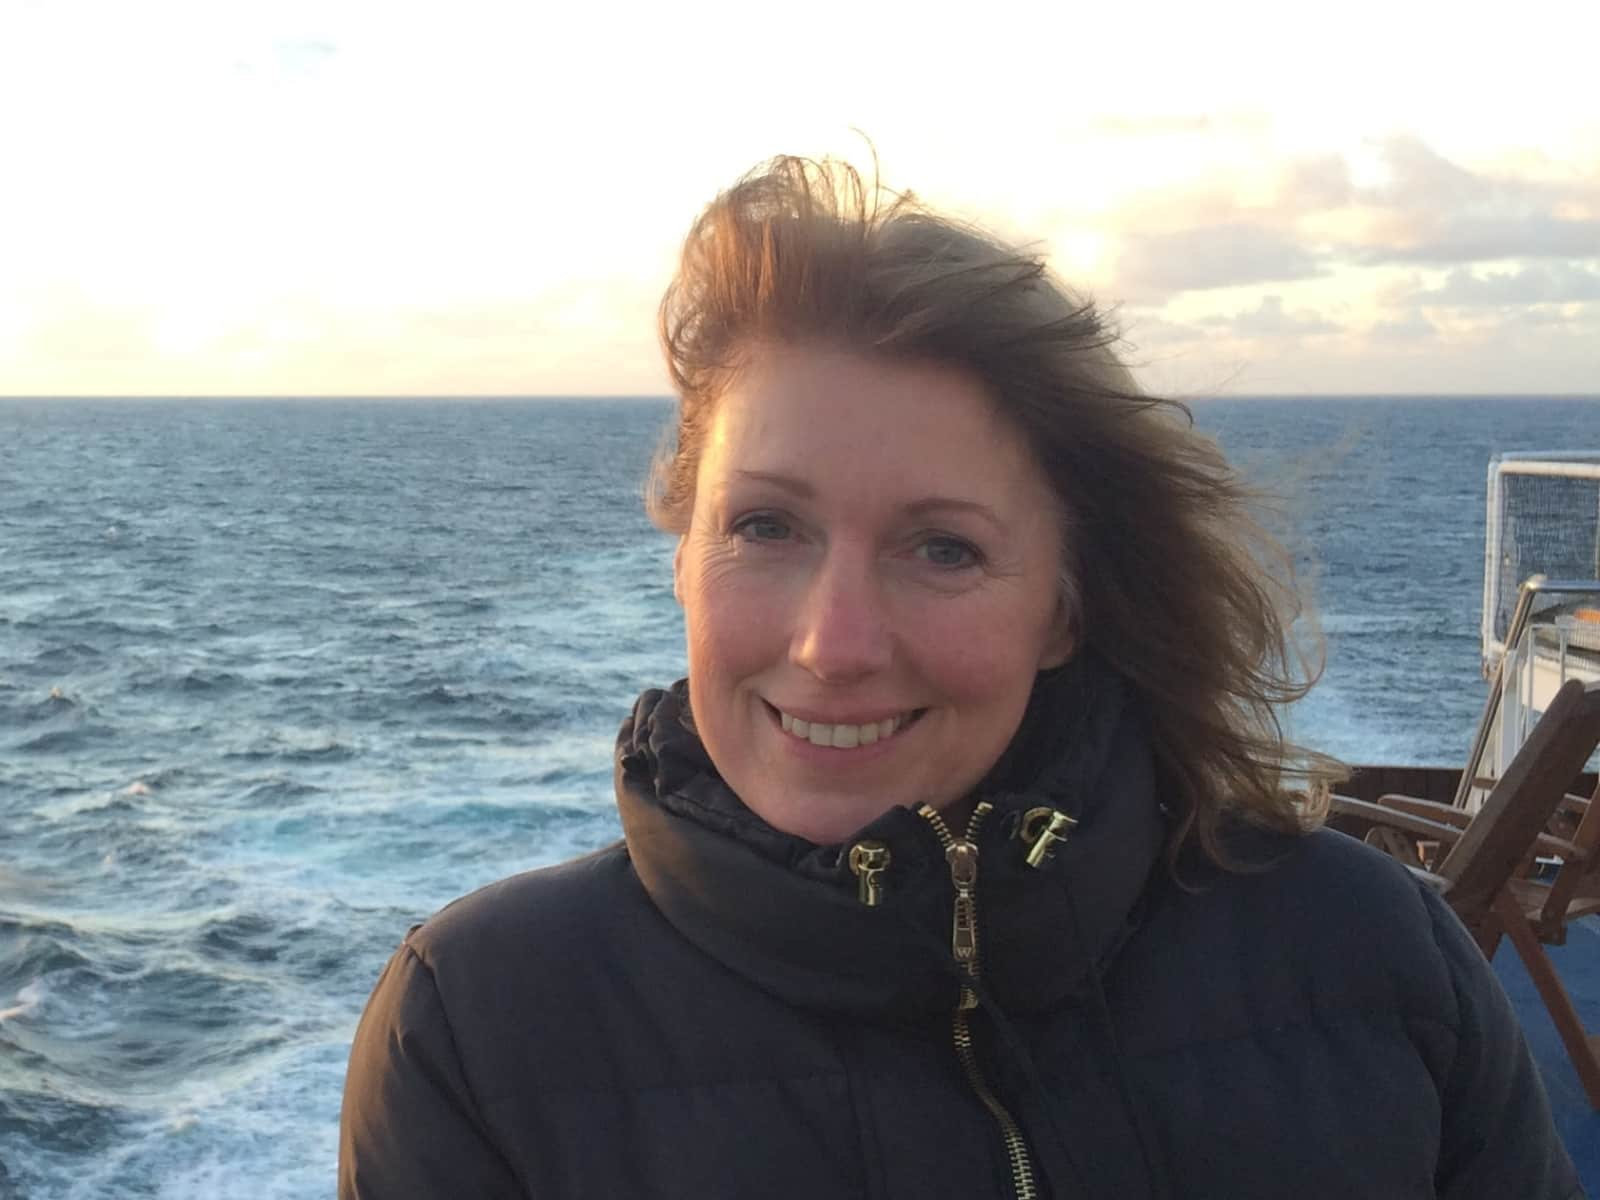 Angela from Århus, Denmark